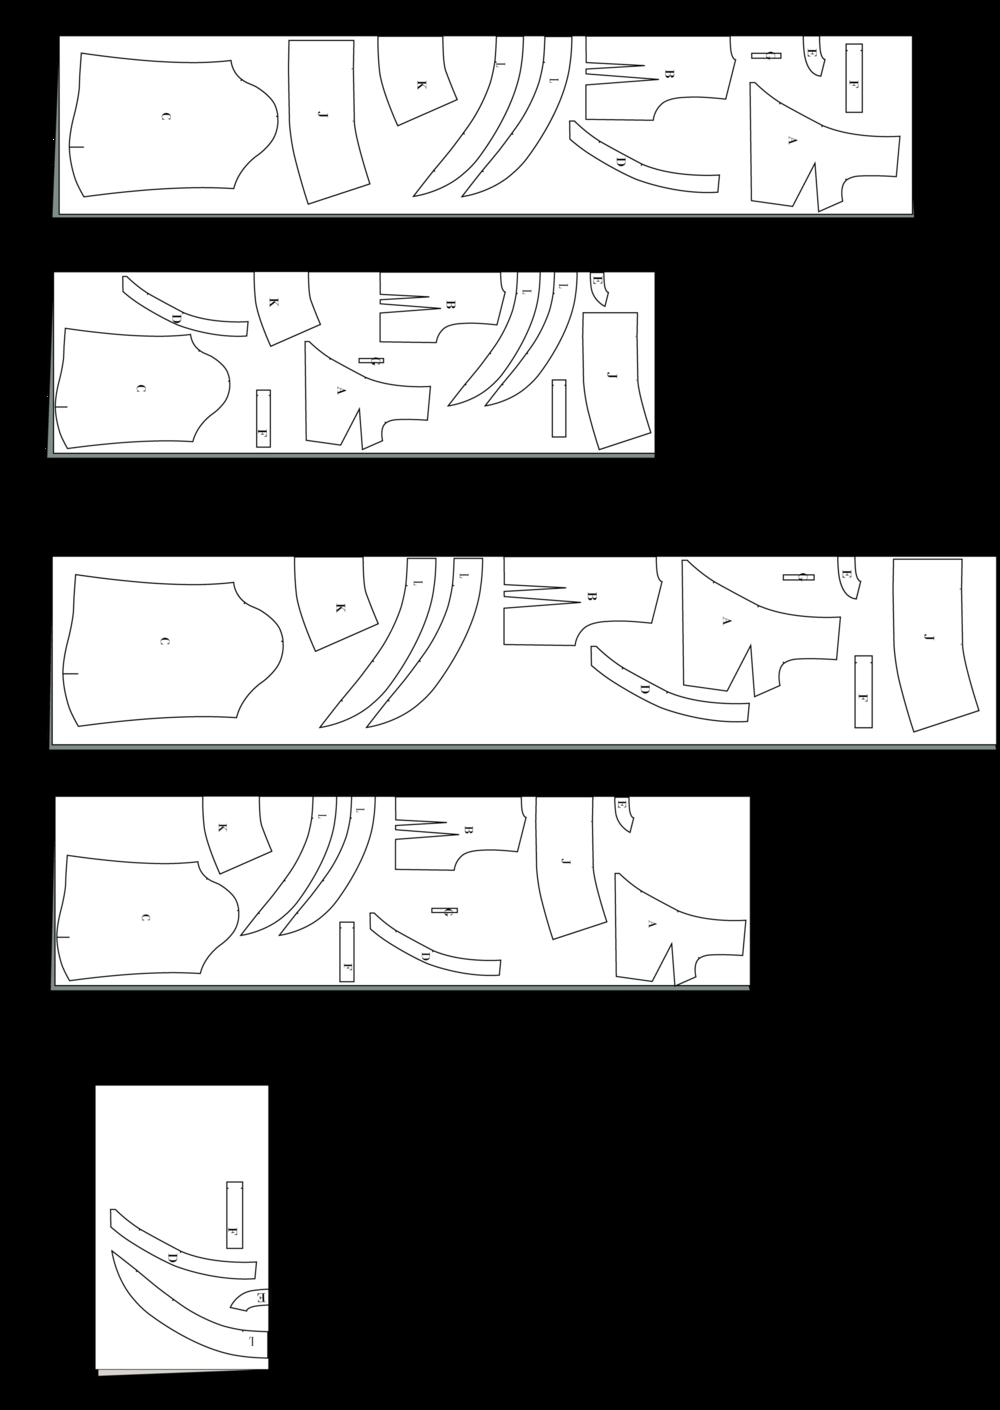 baa24-klippevejledning_no12_2.png